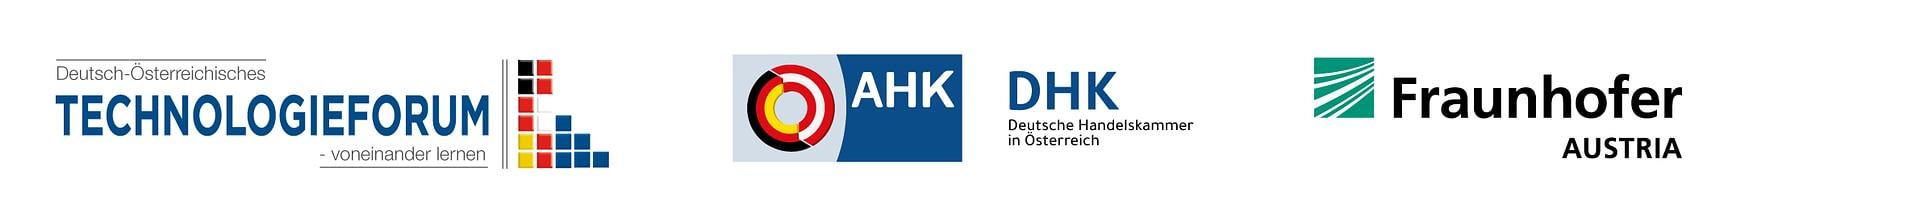 Deutsch-Österreichisches Technologieforum